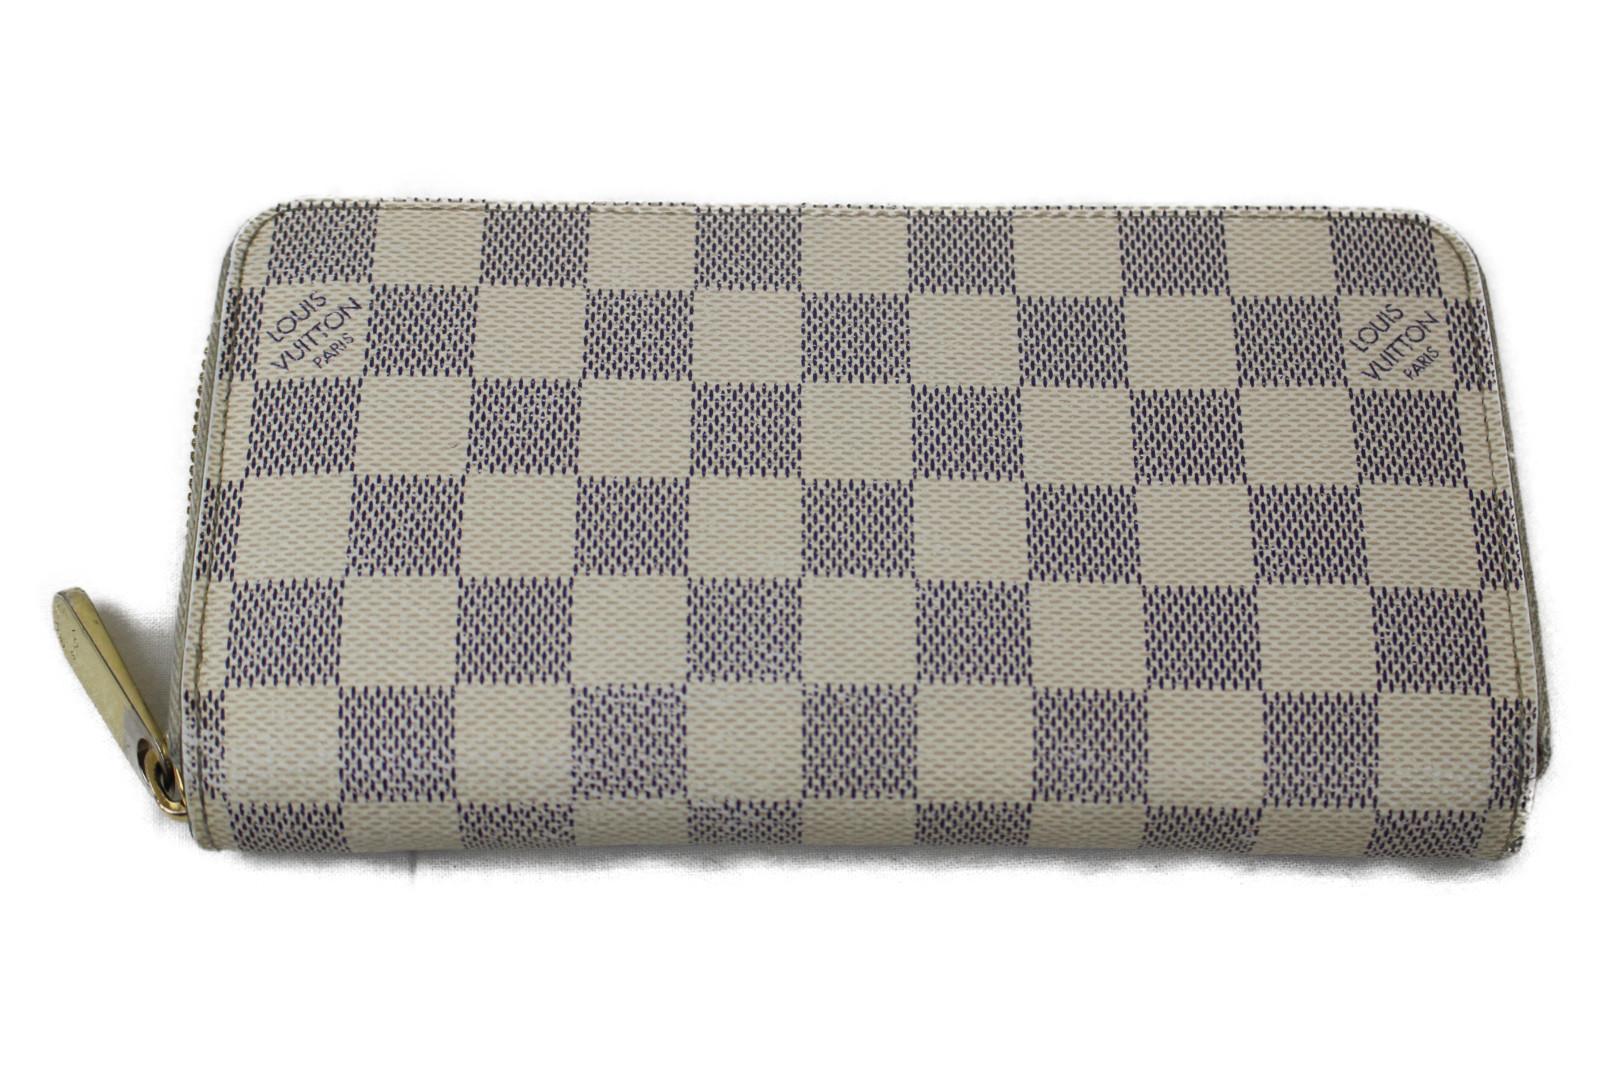 【箱・布袋あり】LOUIS VUITTON ルイヴィトンジッピー・ウォレット N41660ダミエ・アズール ラウンドファスナー長財布プレゼント包装可 【中古】